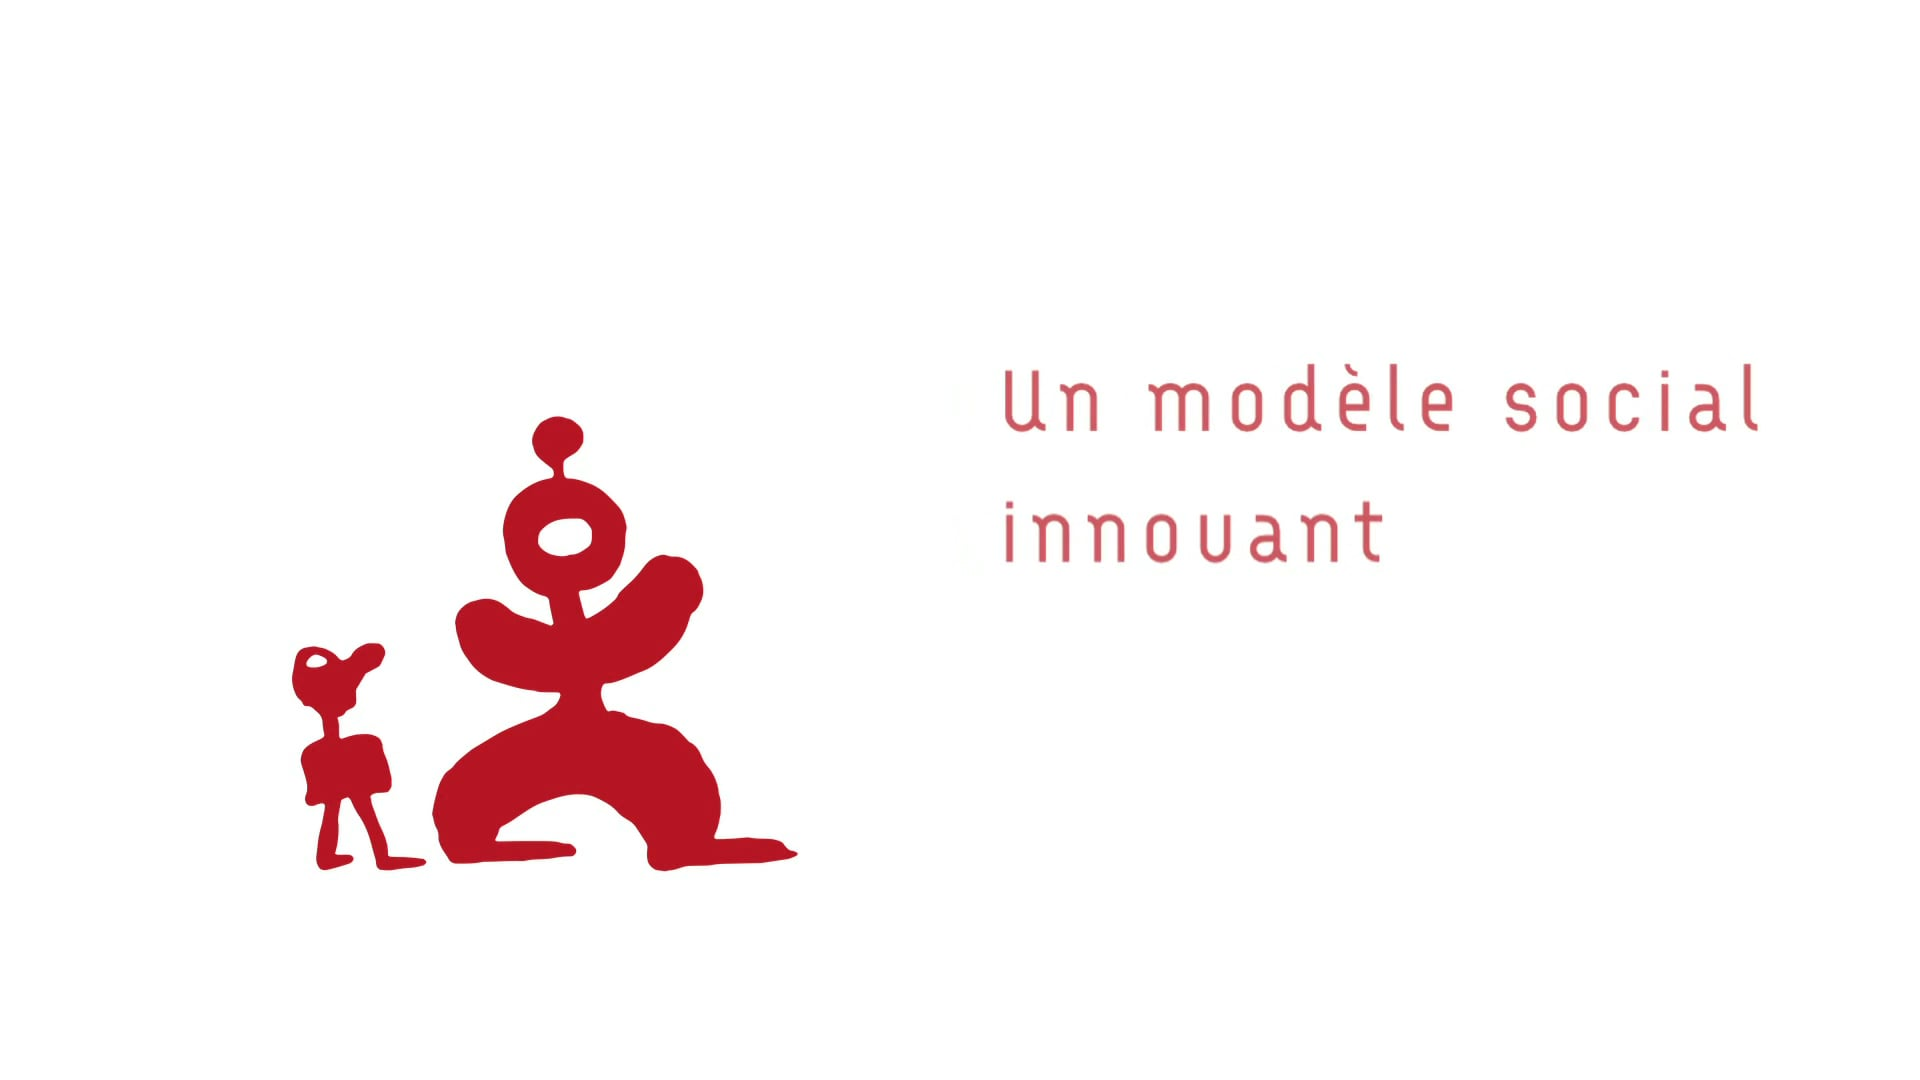 Arnaud Meunier - Un modèle social innovant